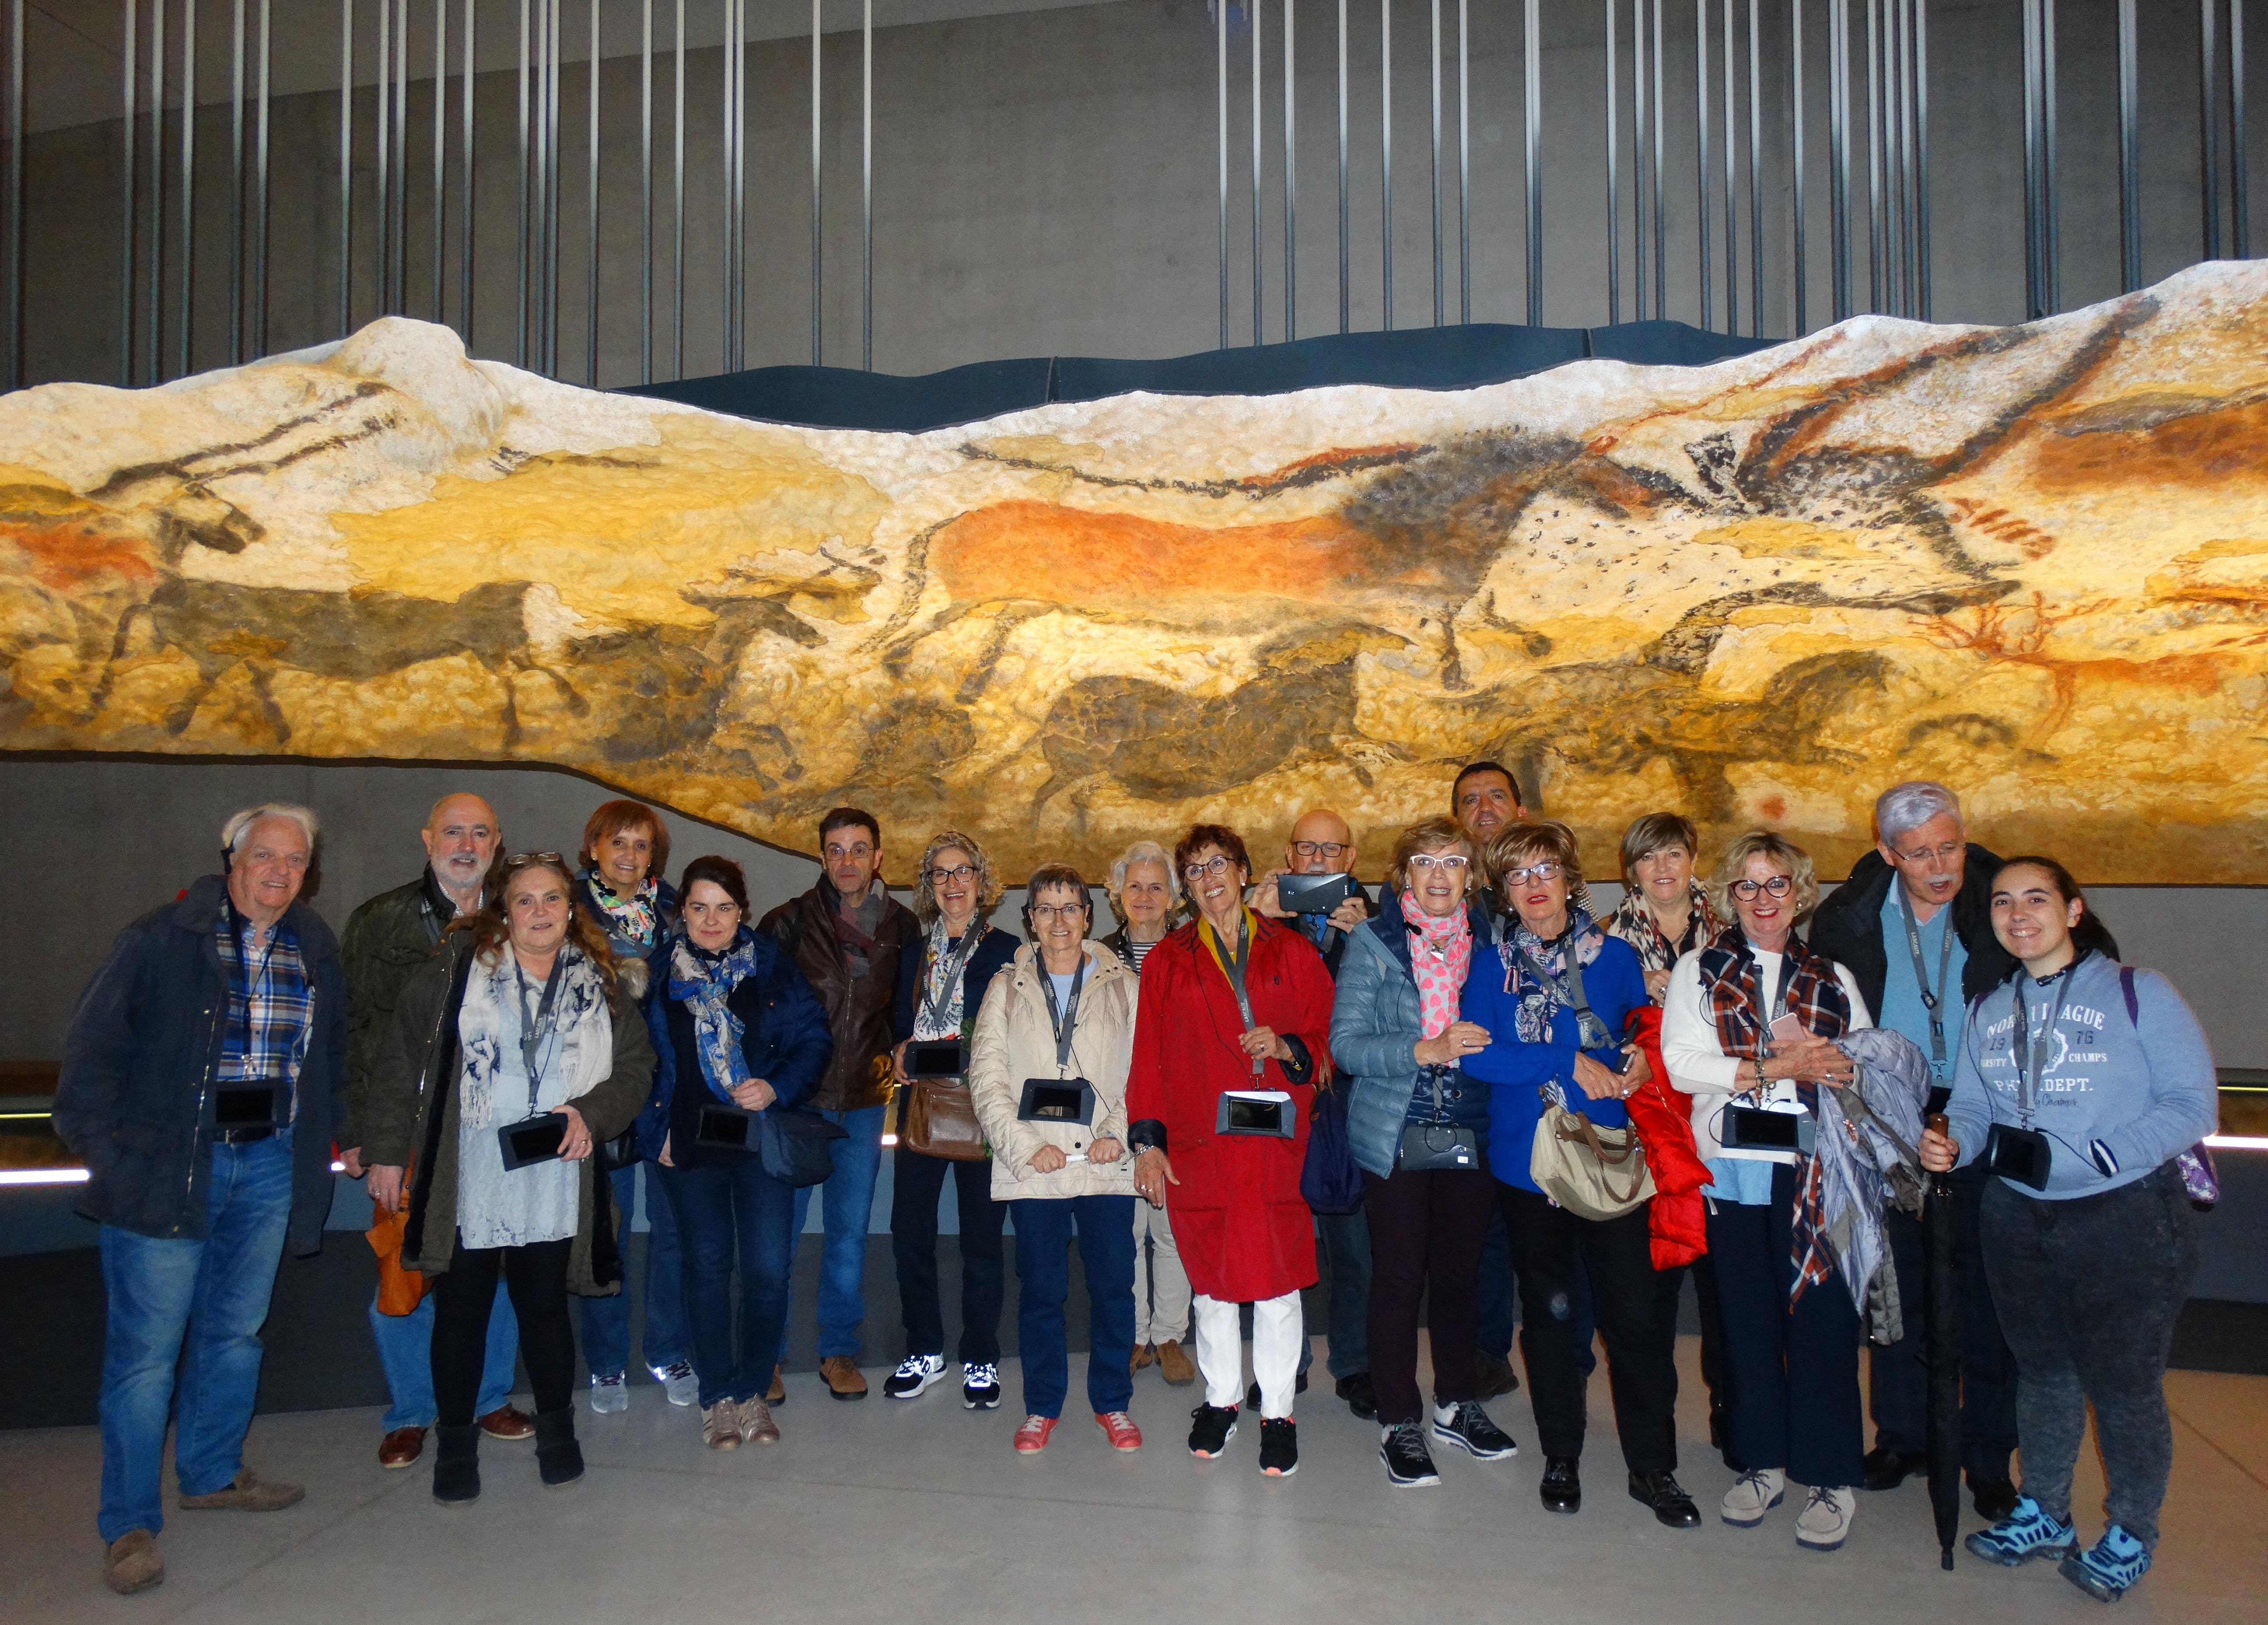 Uned Pamplona Cursos Y Actualidad Estudiantes Del Programa Uned Senior Visitan La Localidad Francesa De Sarlat